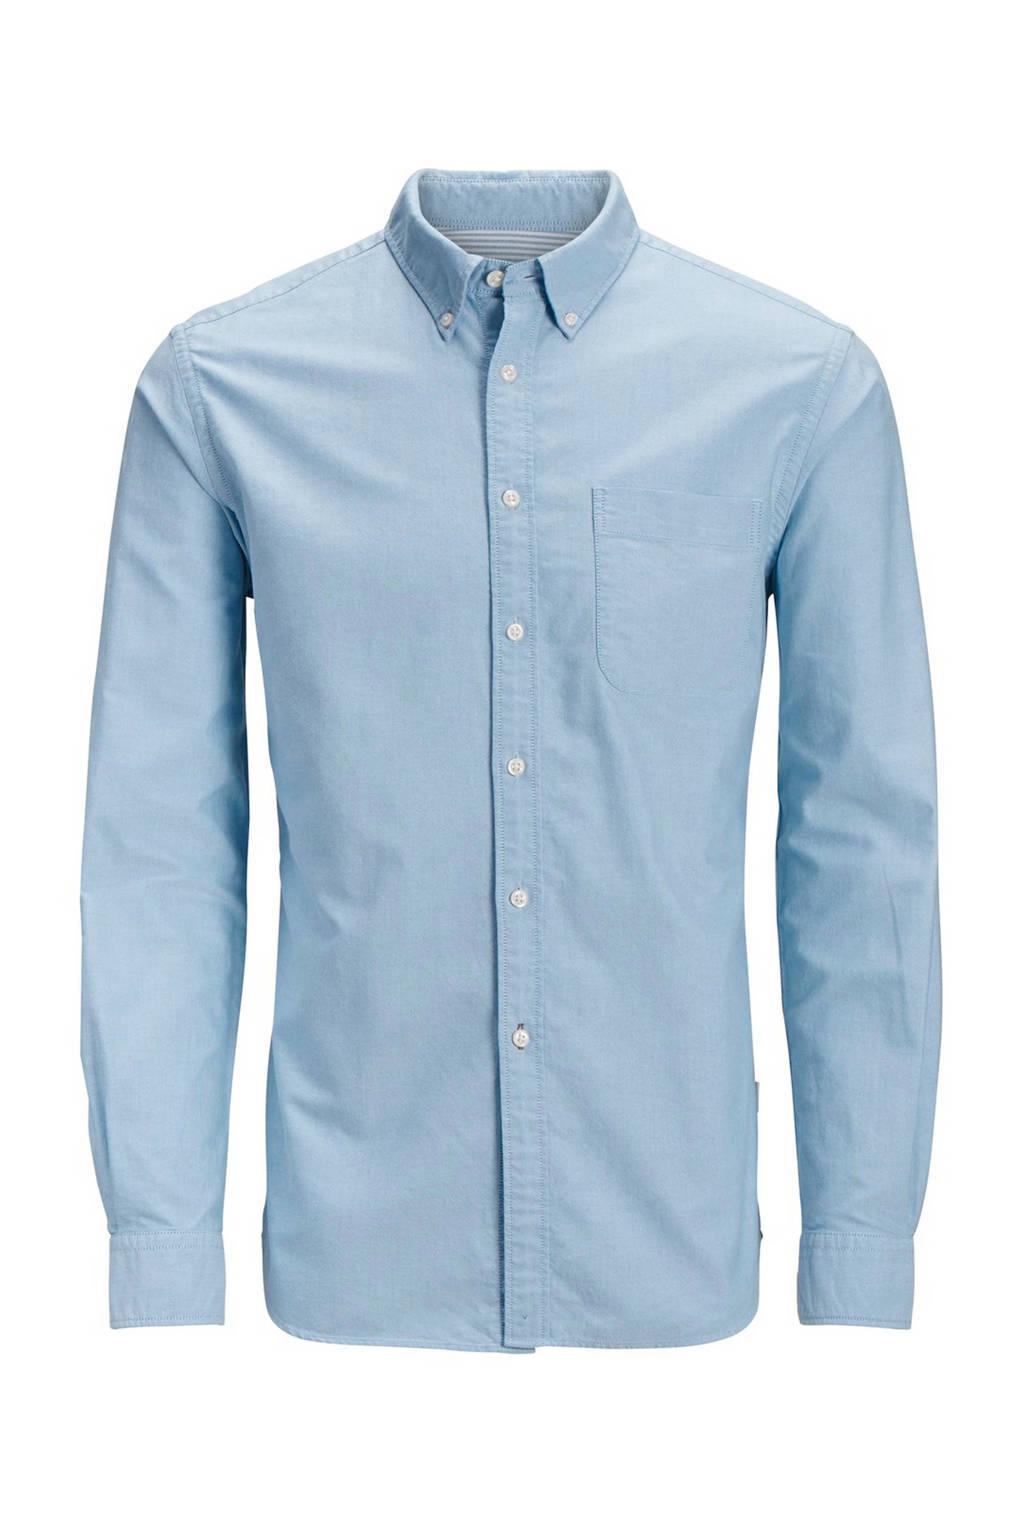 Jack & Jones Junior overhemd Oxford lichtblauw, Lichtblauw